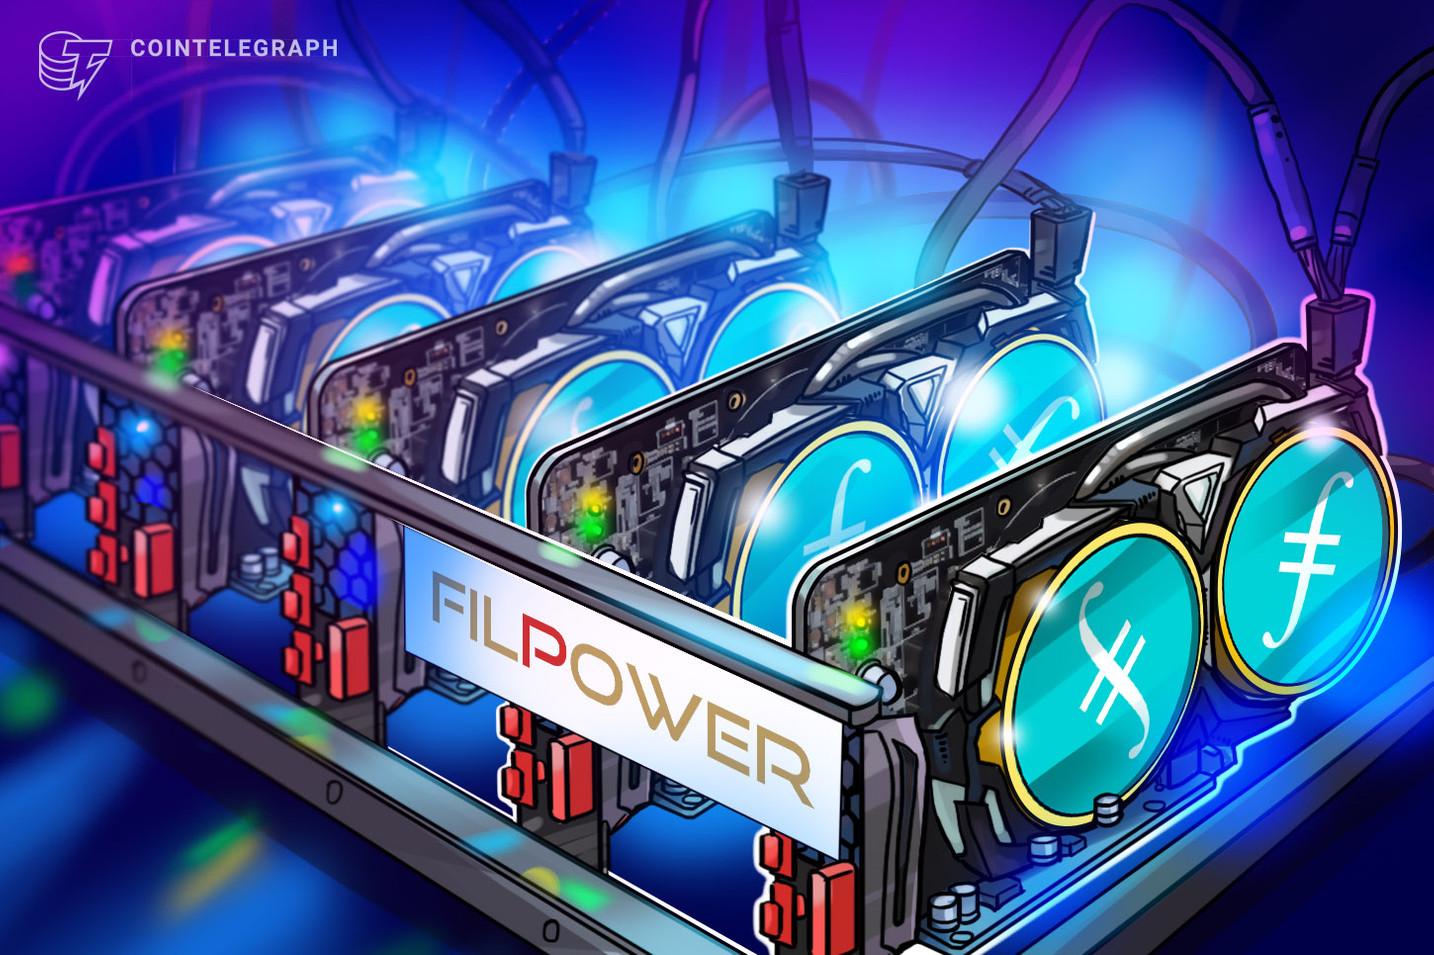 メインネットが公開されたFilecoinのマイニングサービス「Filecoin Miner」が、メインネット公開を機に「FILPOWER」としてリニューアル、さらに少額から購入できる限定プランをリリース